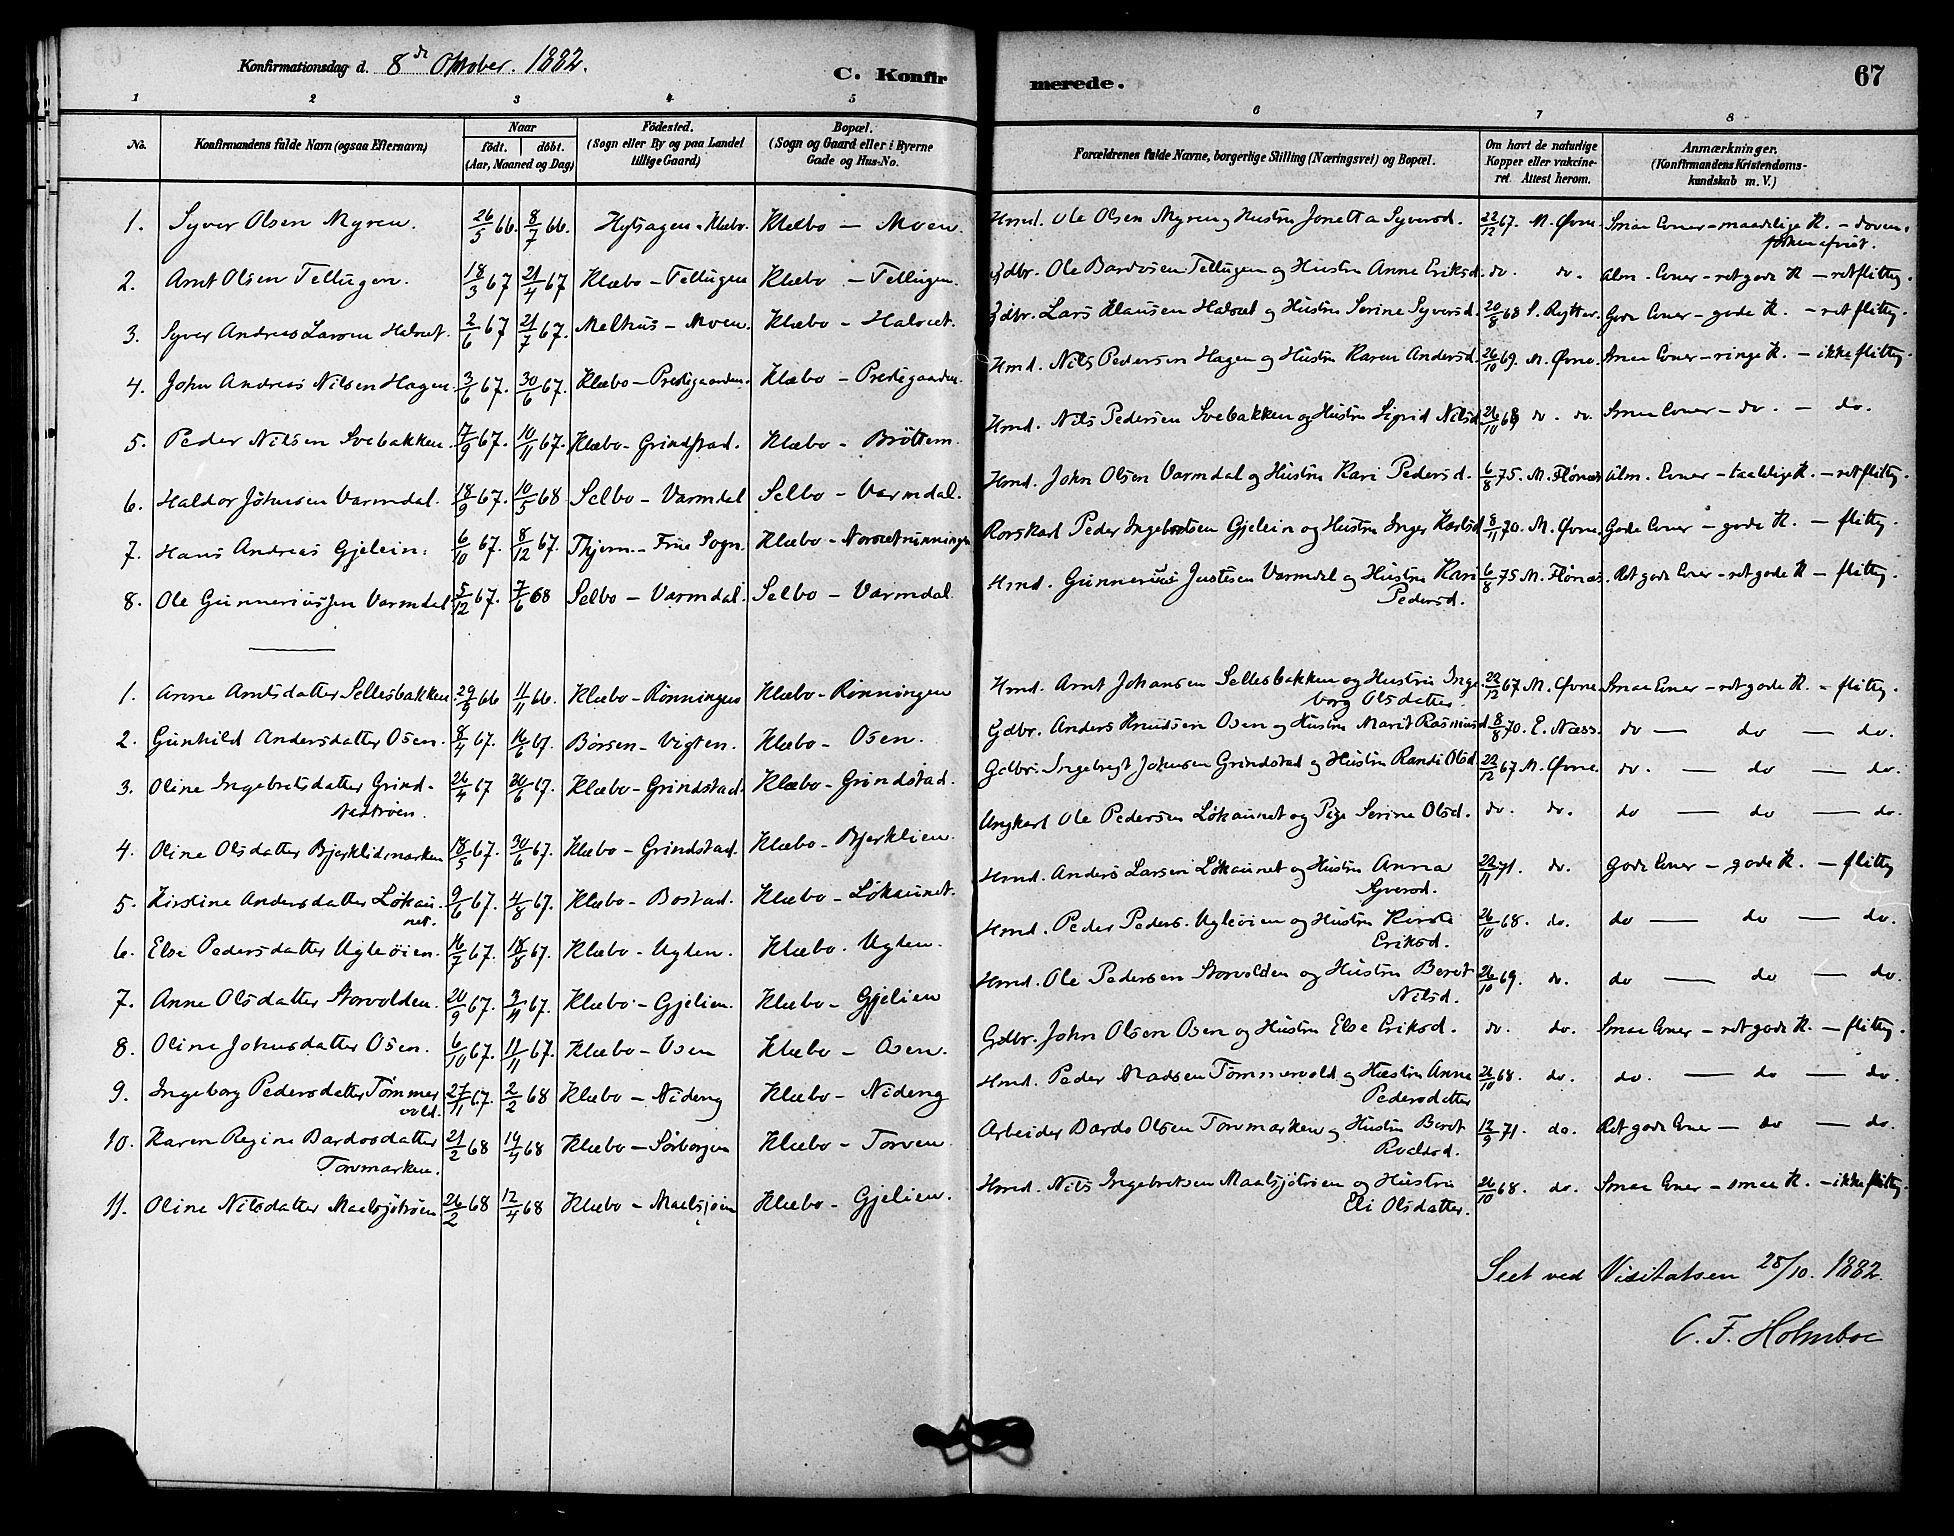 SAT, Ministerialprotokoller, klokkerbøker og fødselsregistre - Sør-Trøndelag, 618/L0444: Ministerialbok nr. 618A07, 1880-1898, s. 67